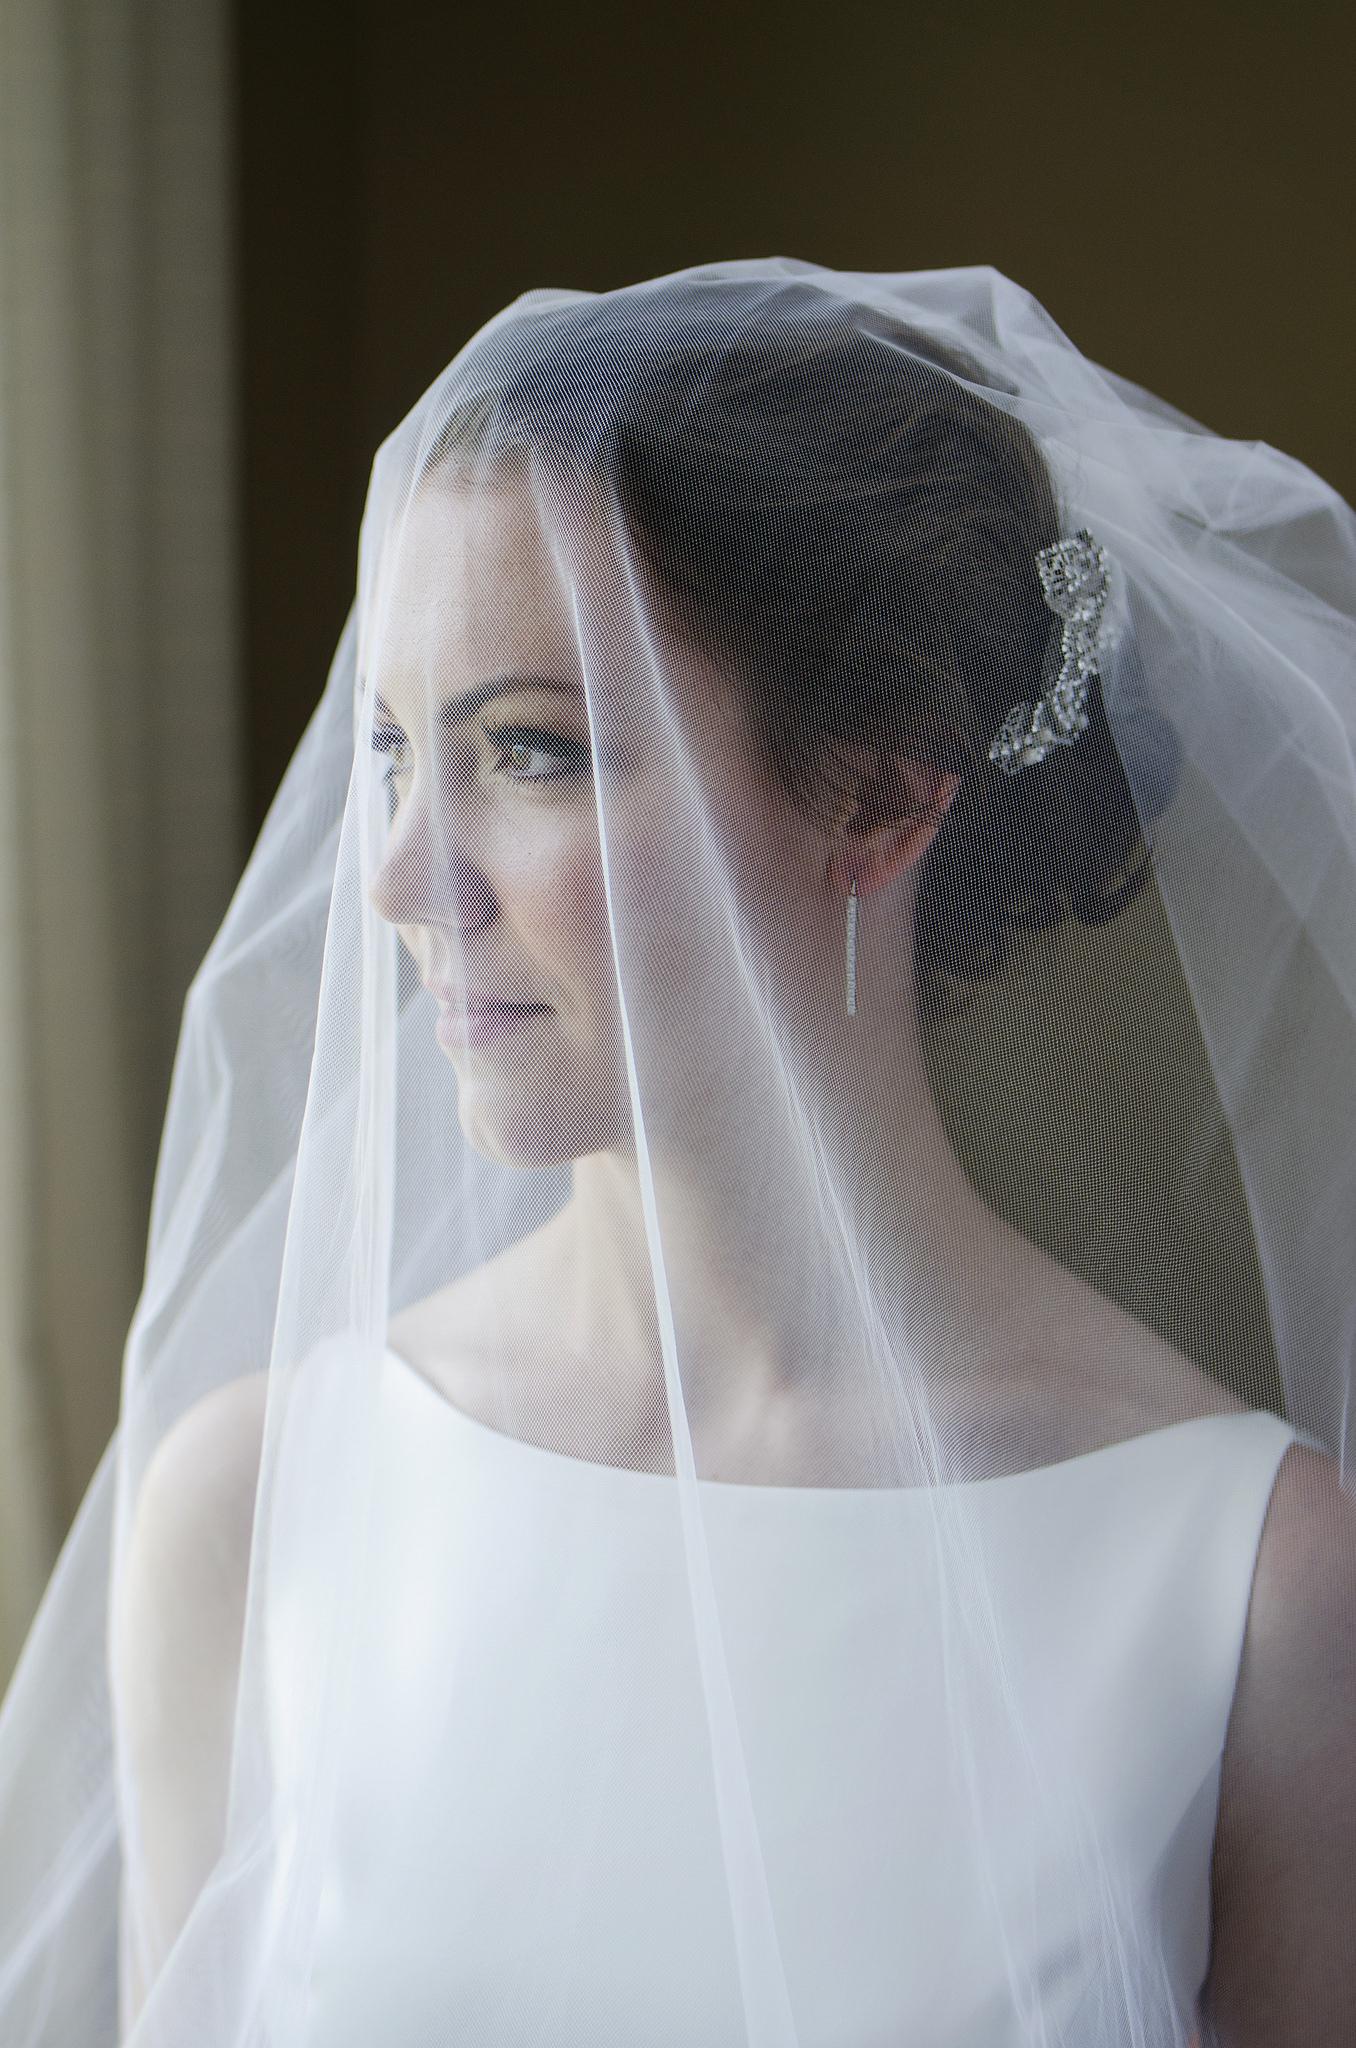 kristine_wedding_brides_spiritedtable_photo23.jpg